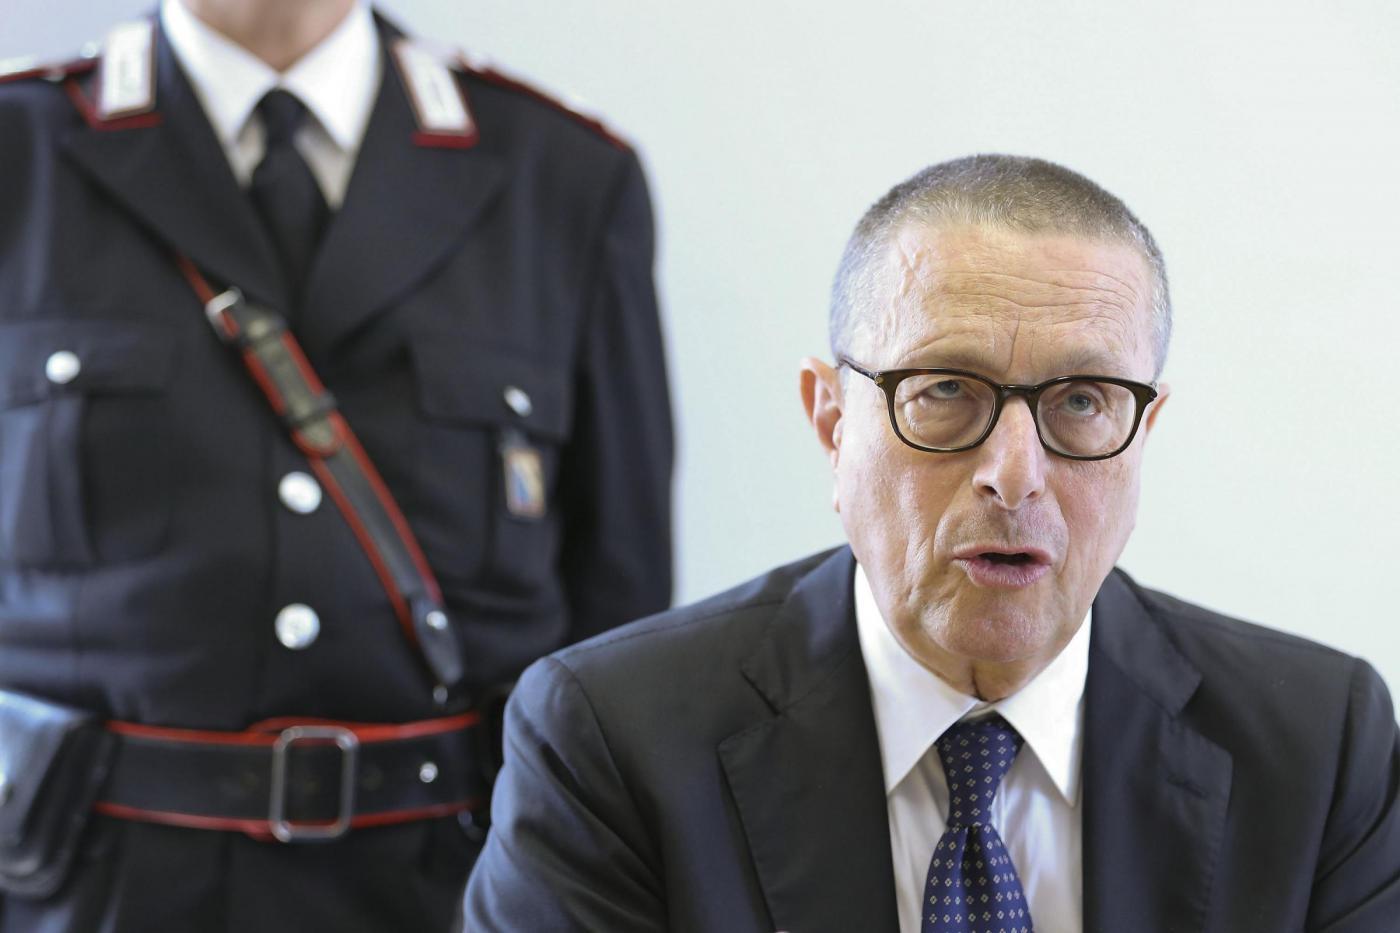 Bari, il tritolo sequestrato serviva per uccidere Giovanni Colangelo: procuratore di Napoli